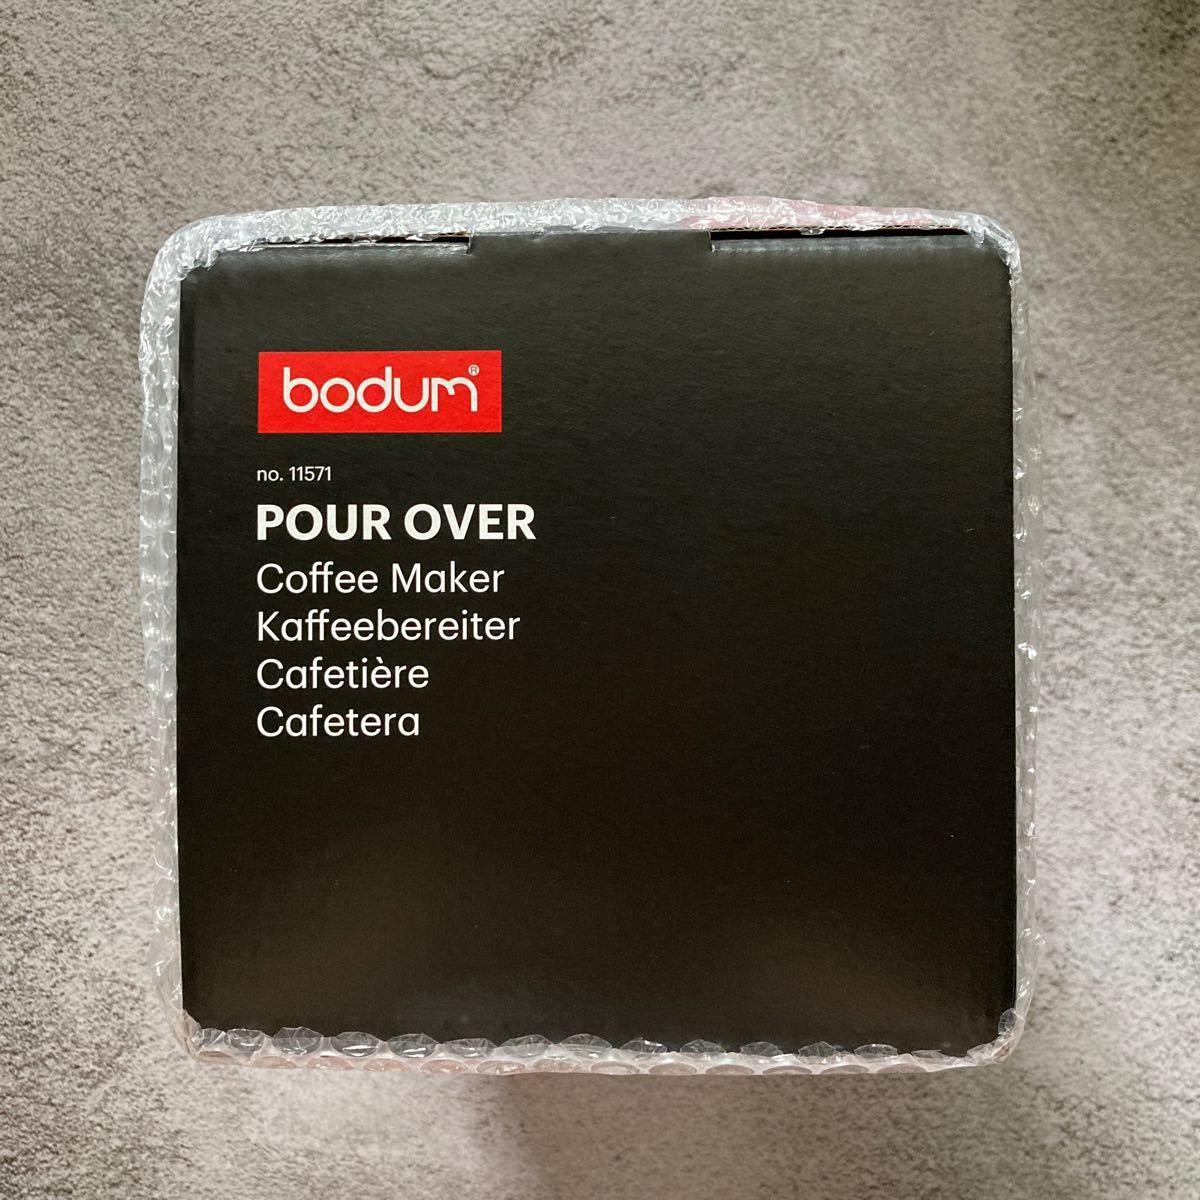 新品未開封★ボダム BODUM プアオーバー ドリップコーヒーメーカー 1.0L